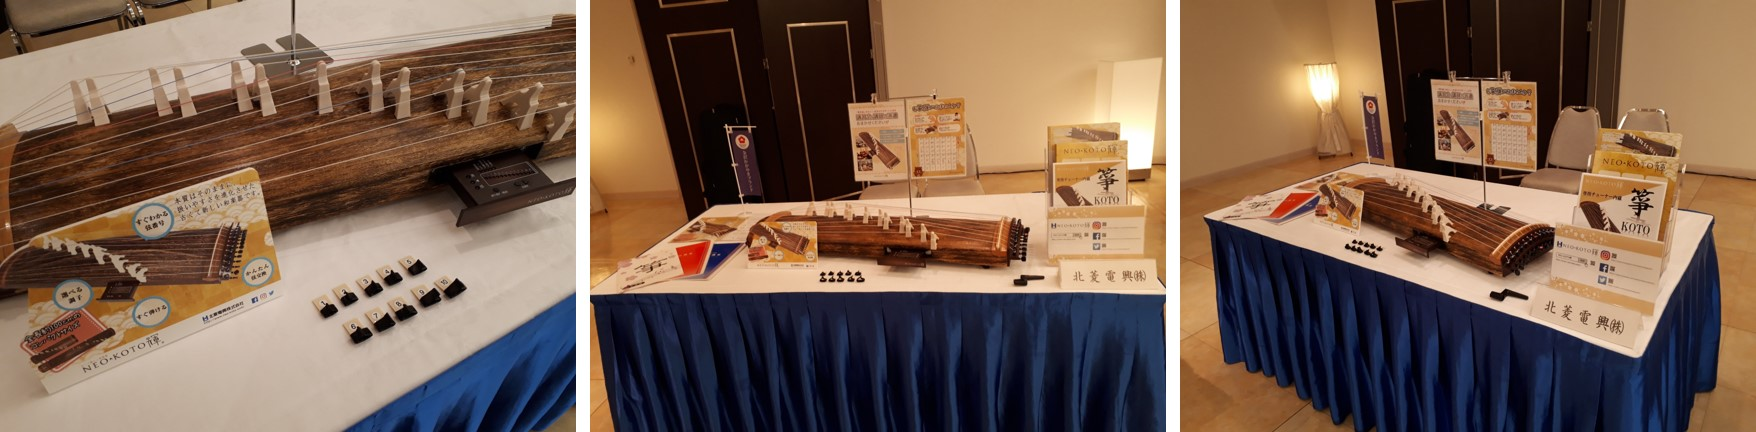 2020年2月20日:第6回北陸三県合同楽器商交流会にてNEO-KOTO輝をご紹介